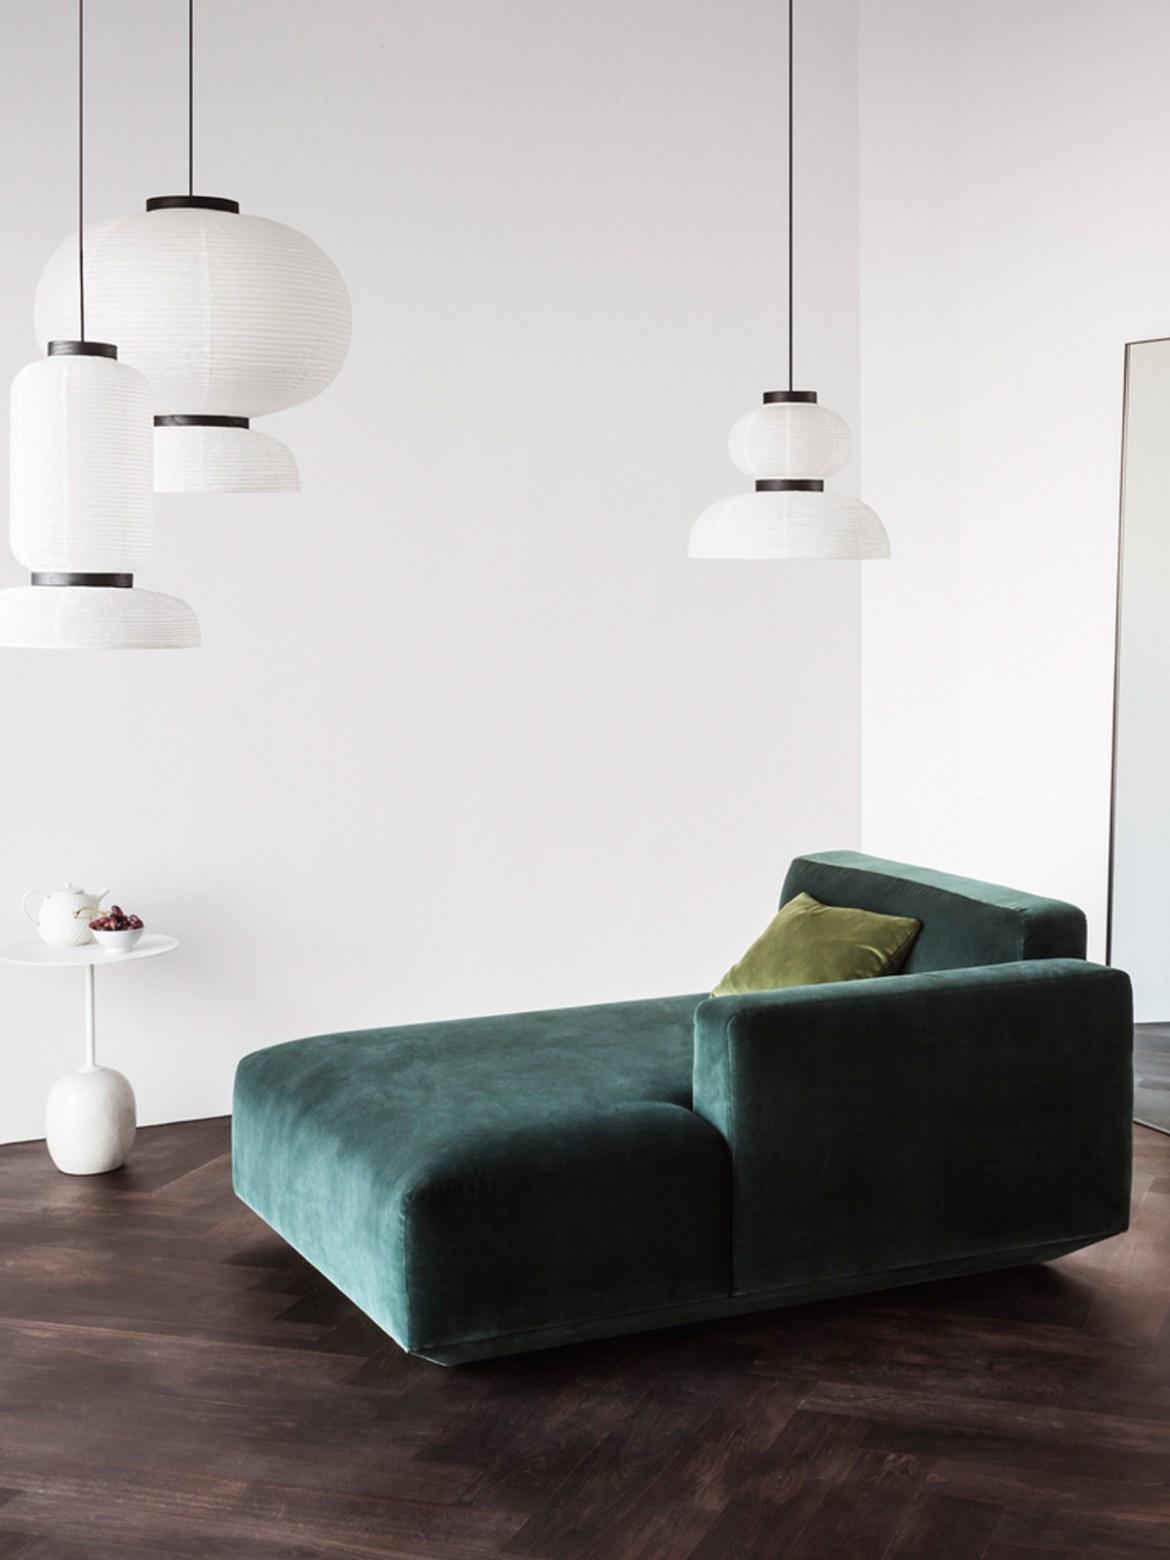 DesignOrt Blog: Asiatisches Design trifft auf Europa Pendelleuchten Formakami &tradition